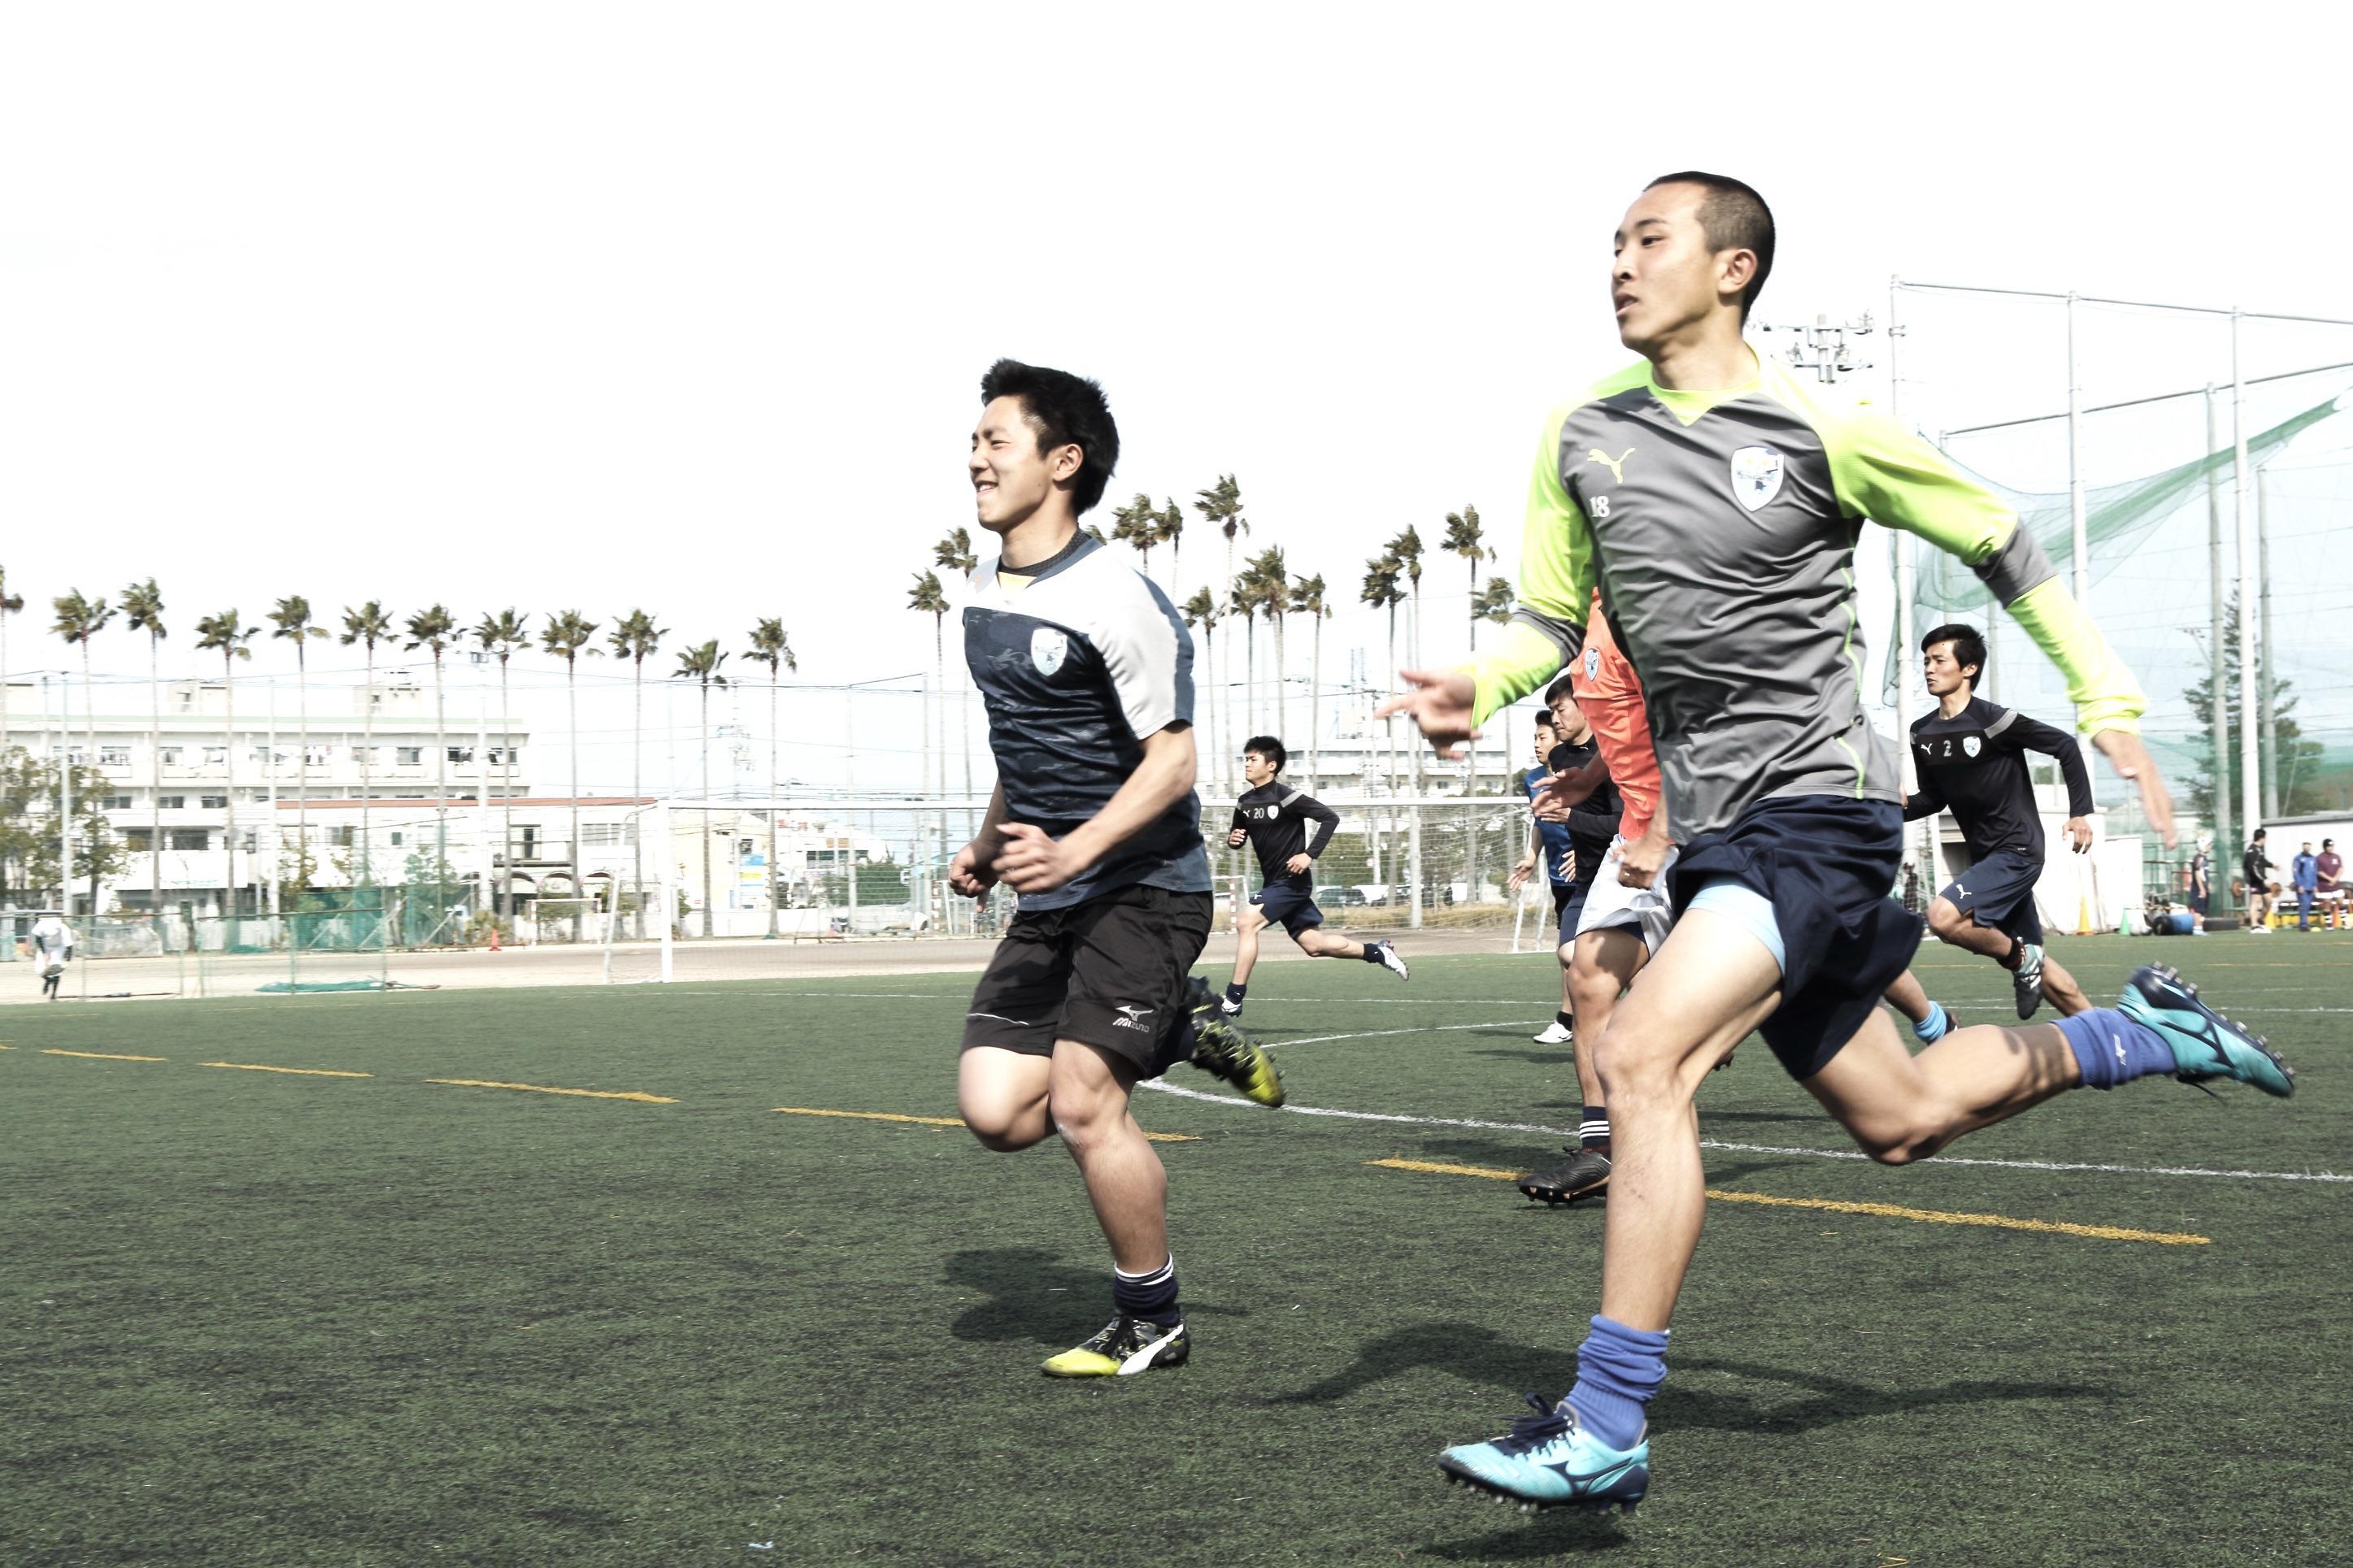 ポカリスエット×ヤンサカコラボ企画 [筋力]+[瞬発力]+[持久力]をアップさせるスペシャルトレーニングの中身